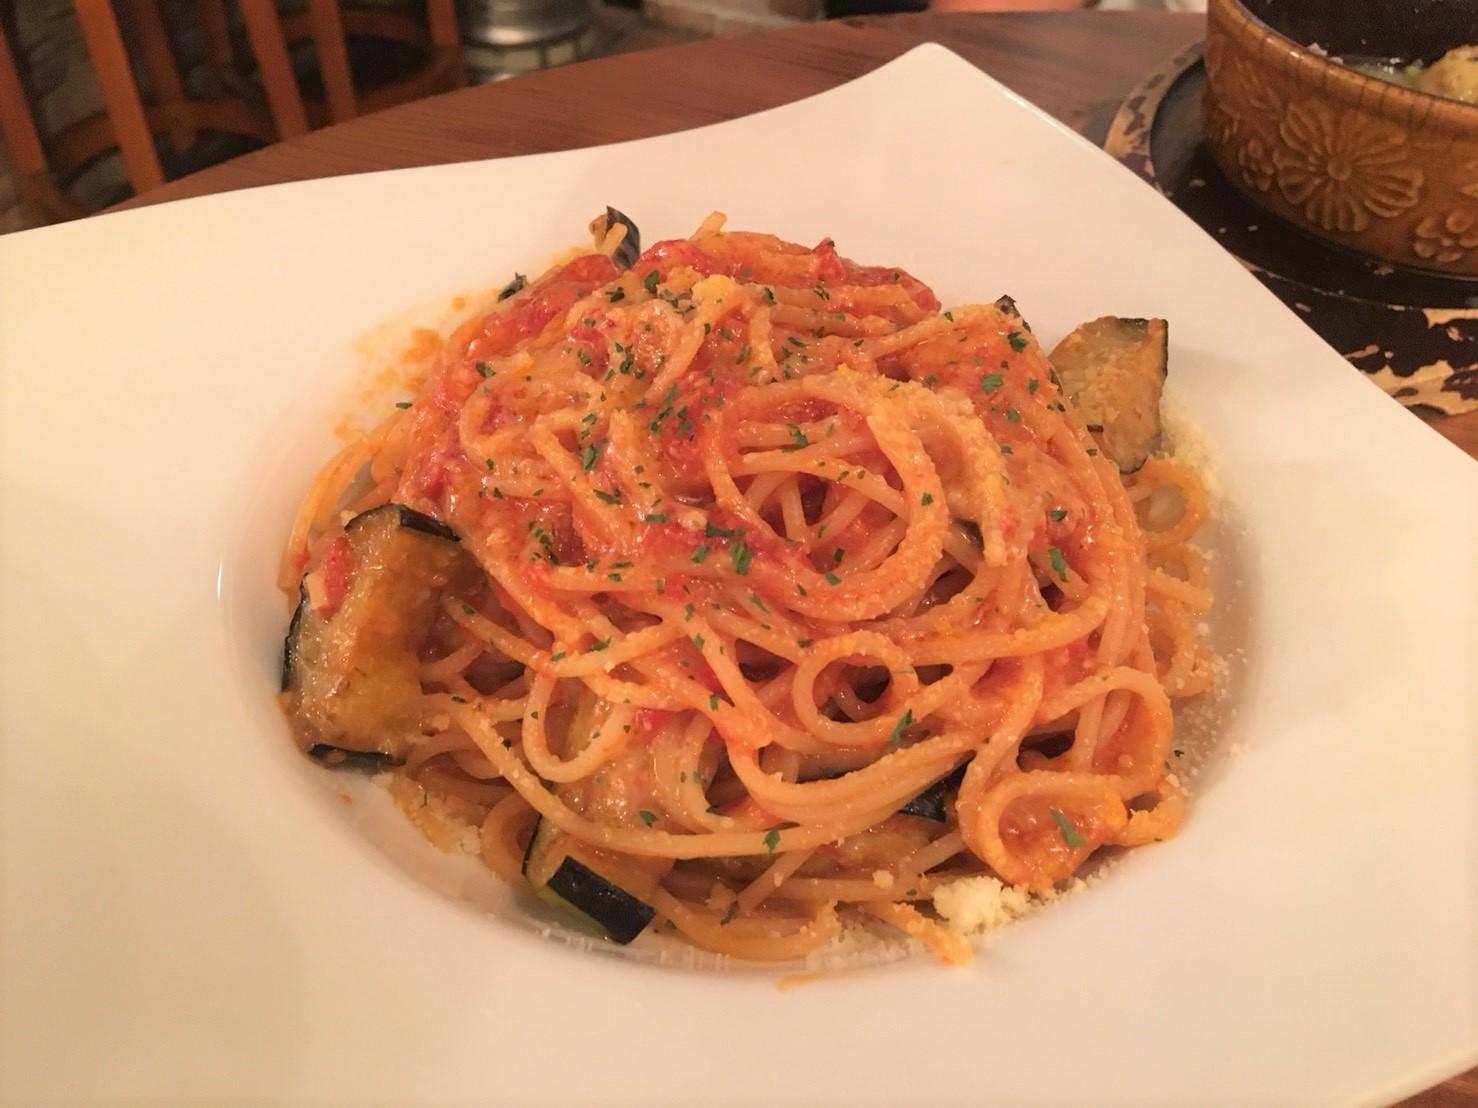 吉祥寺スジガイカフェのパスタセットの揚げナス&チーズのトマトソースの画像